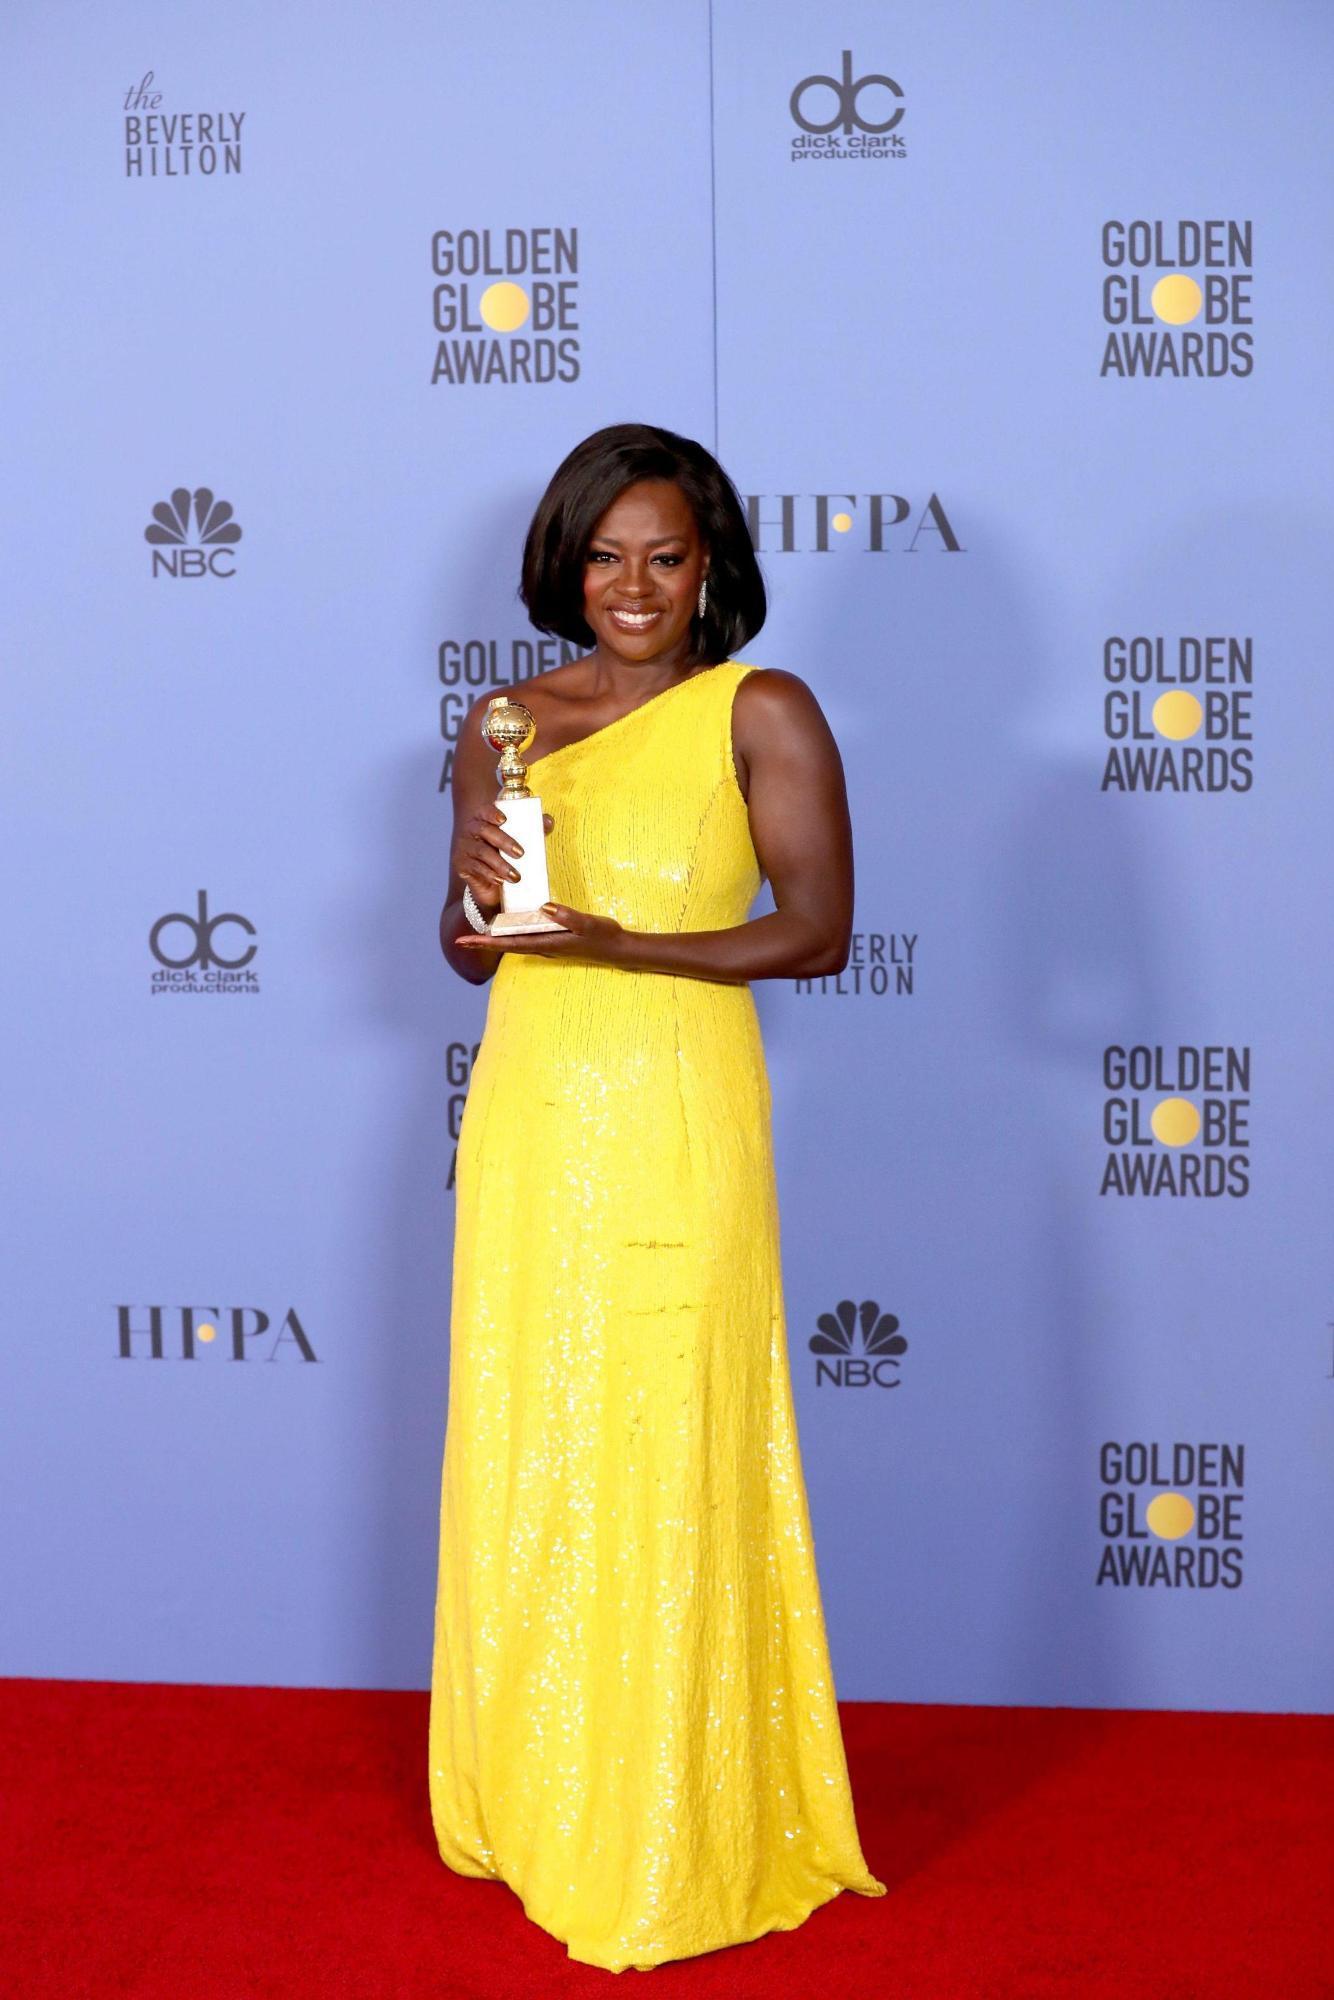 Golden Globe 2017, i premiati del grande schermo